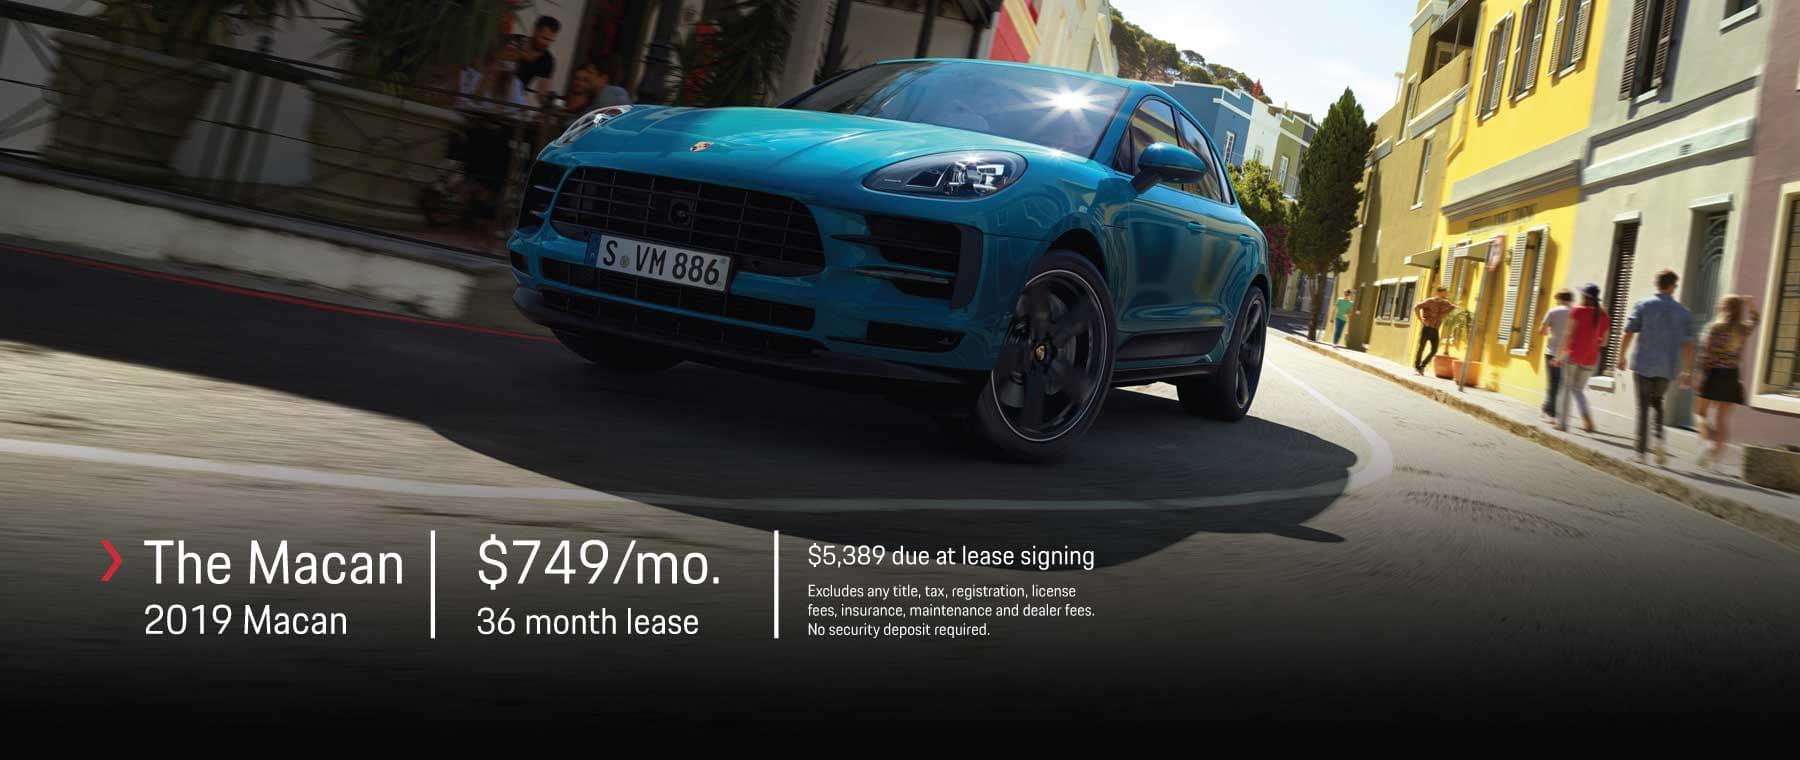 Porsche Milwaukee North | Luxury Sports Car Dealer in